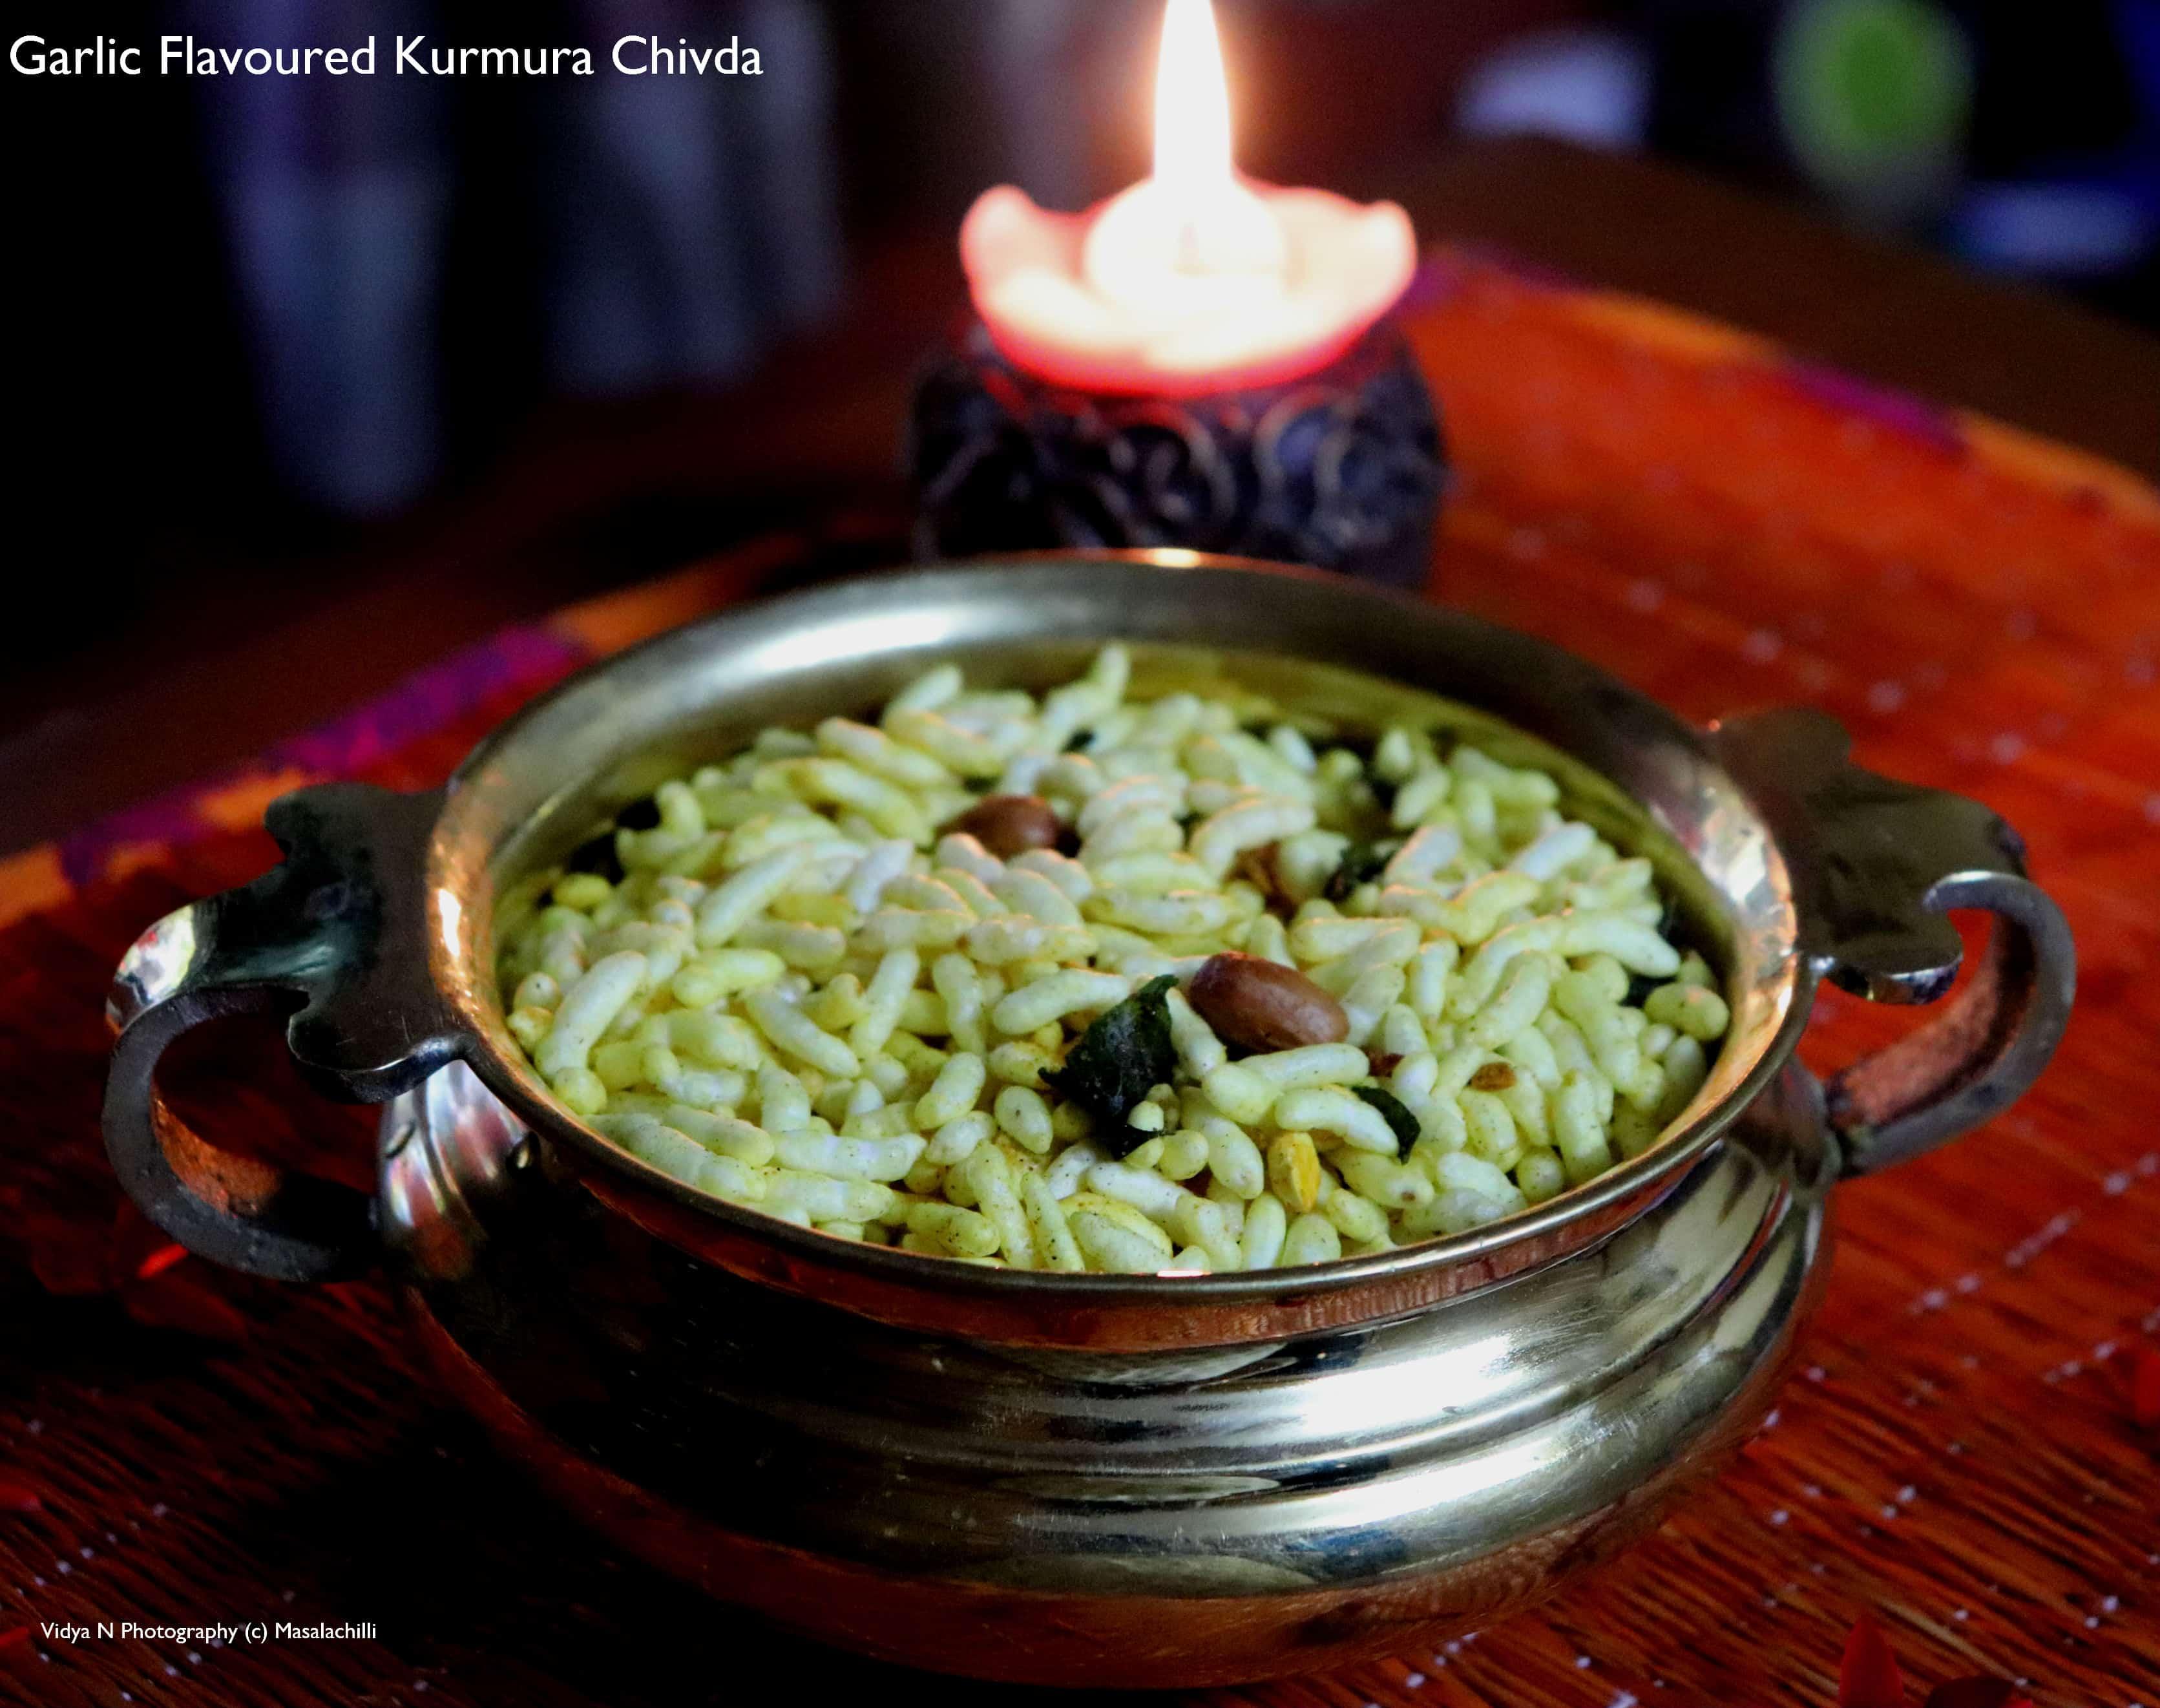 Garlic Flavoured Kurmura Chivda